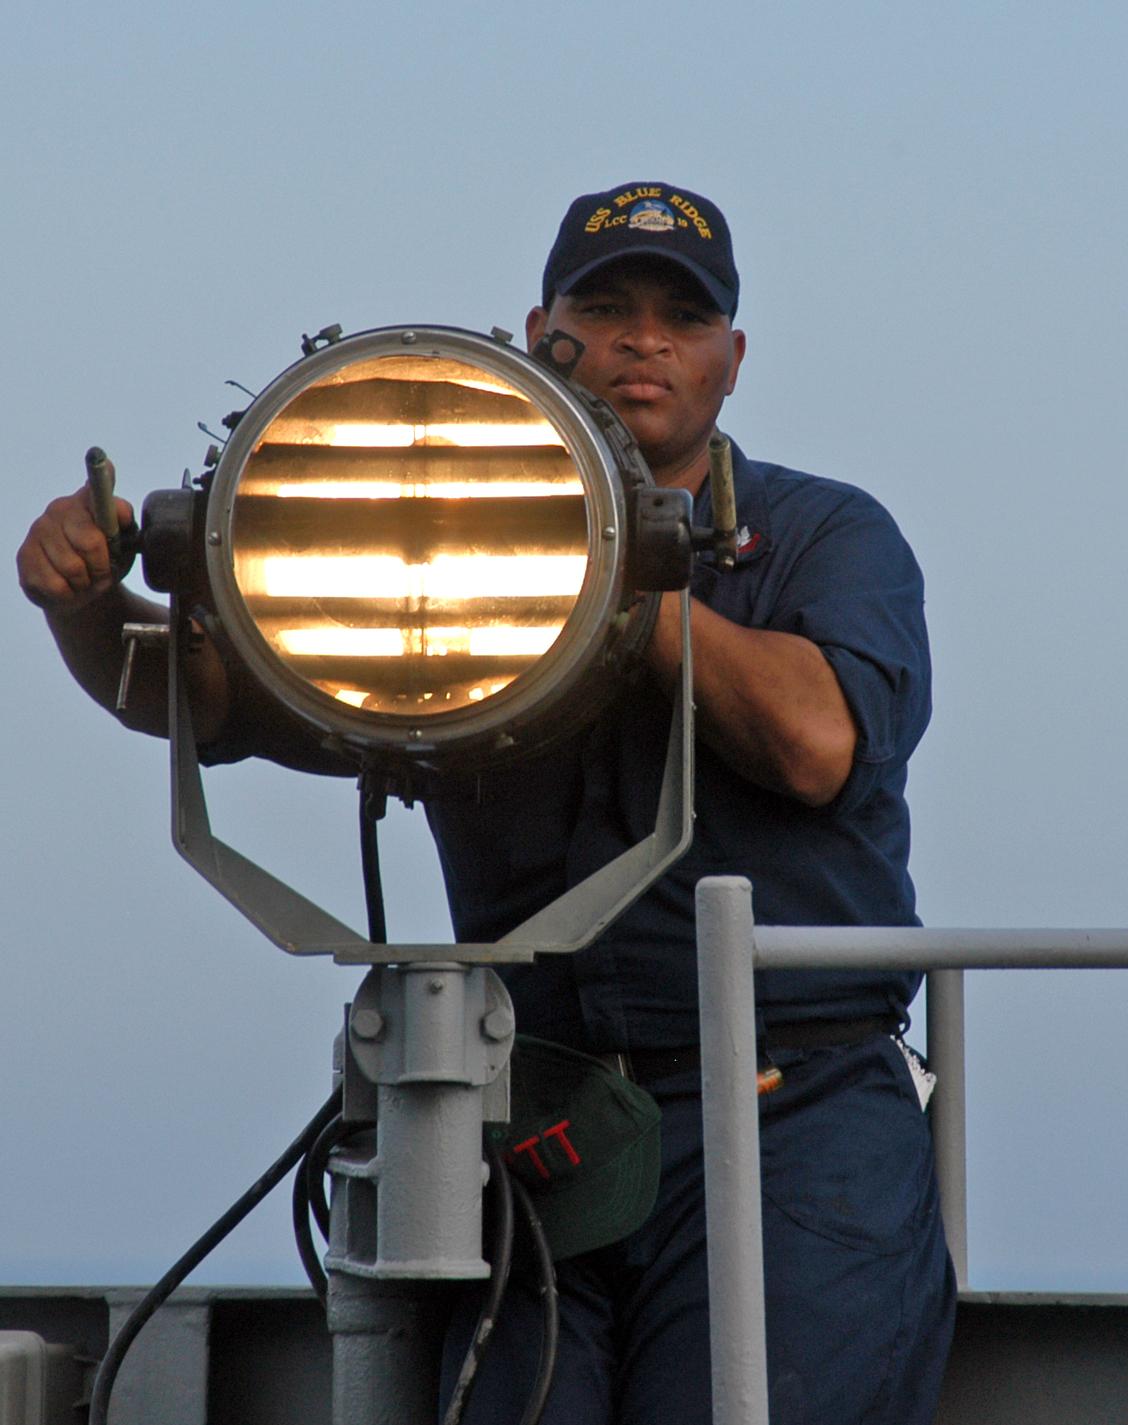 aldis lamp signals photo - 2